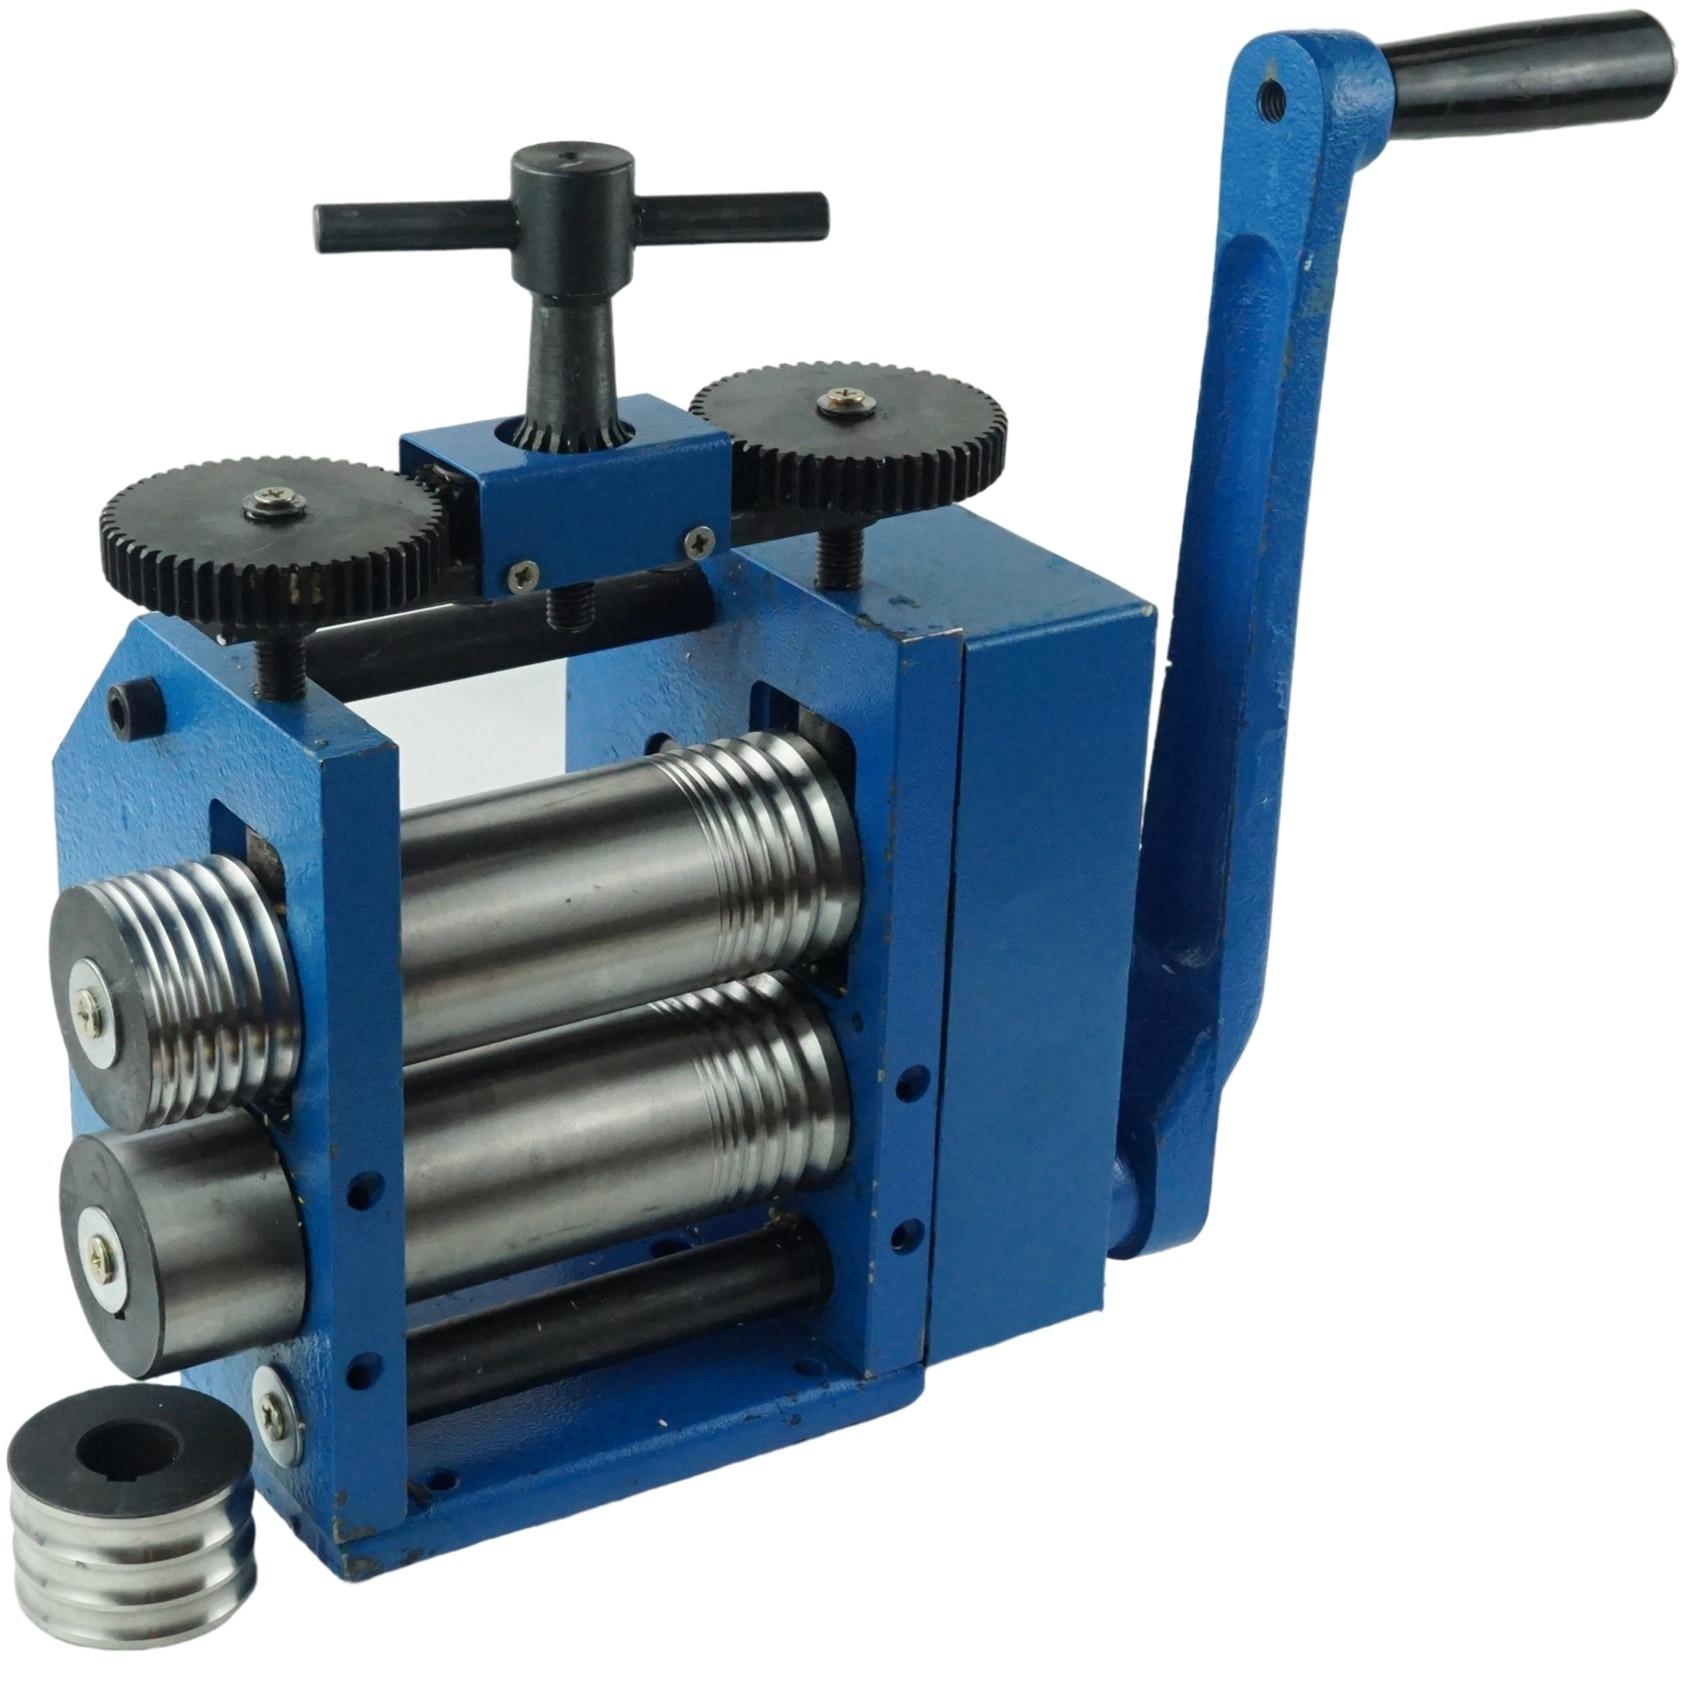 آلة لف المعادن لصناعة المجوهرات دليل الضغط الجولة الضغط شبه دائري خط الضغط الذهب والفضة أدوات معالجة المجوهرات